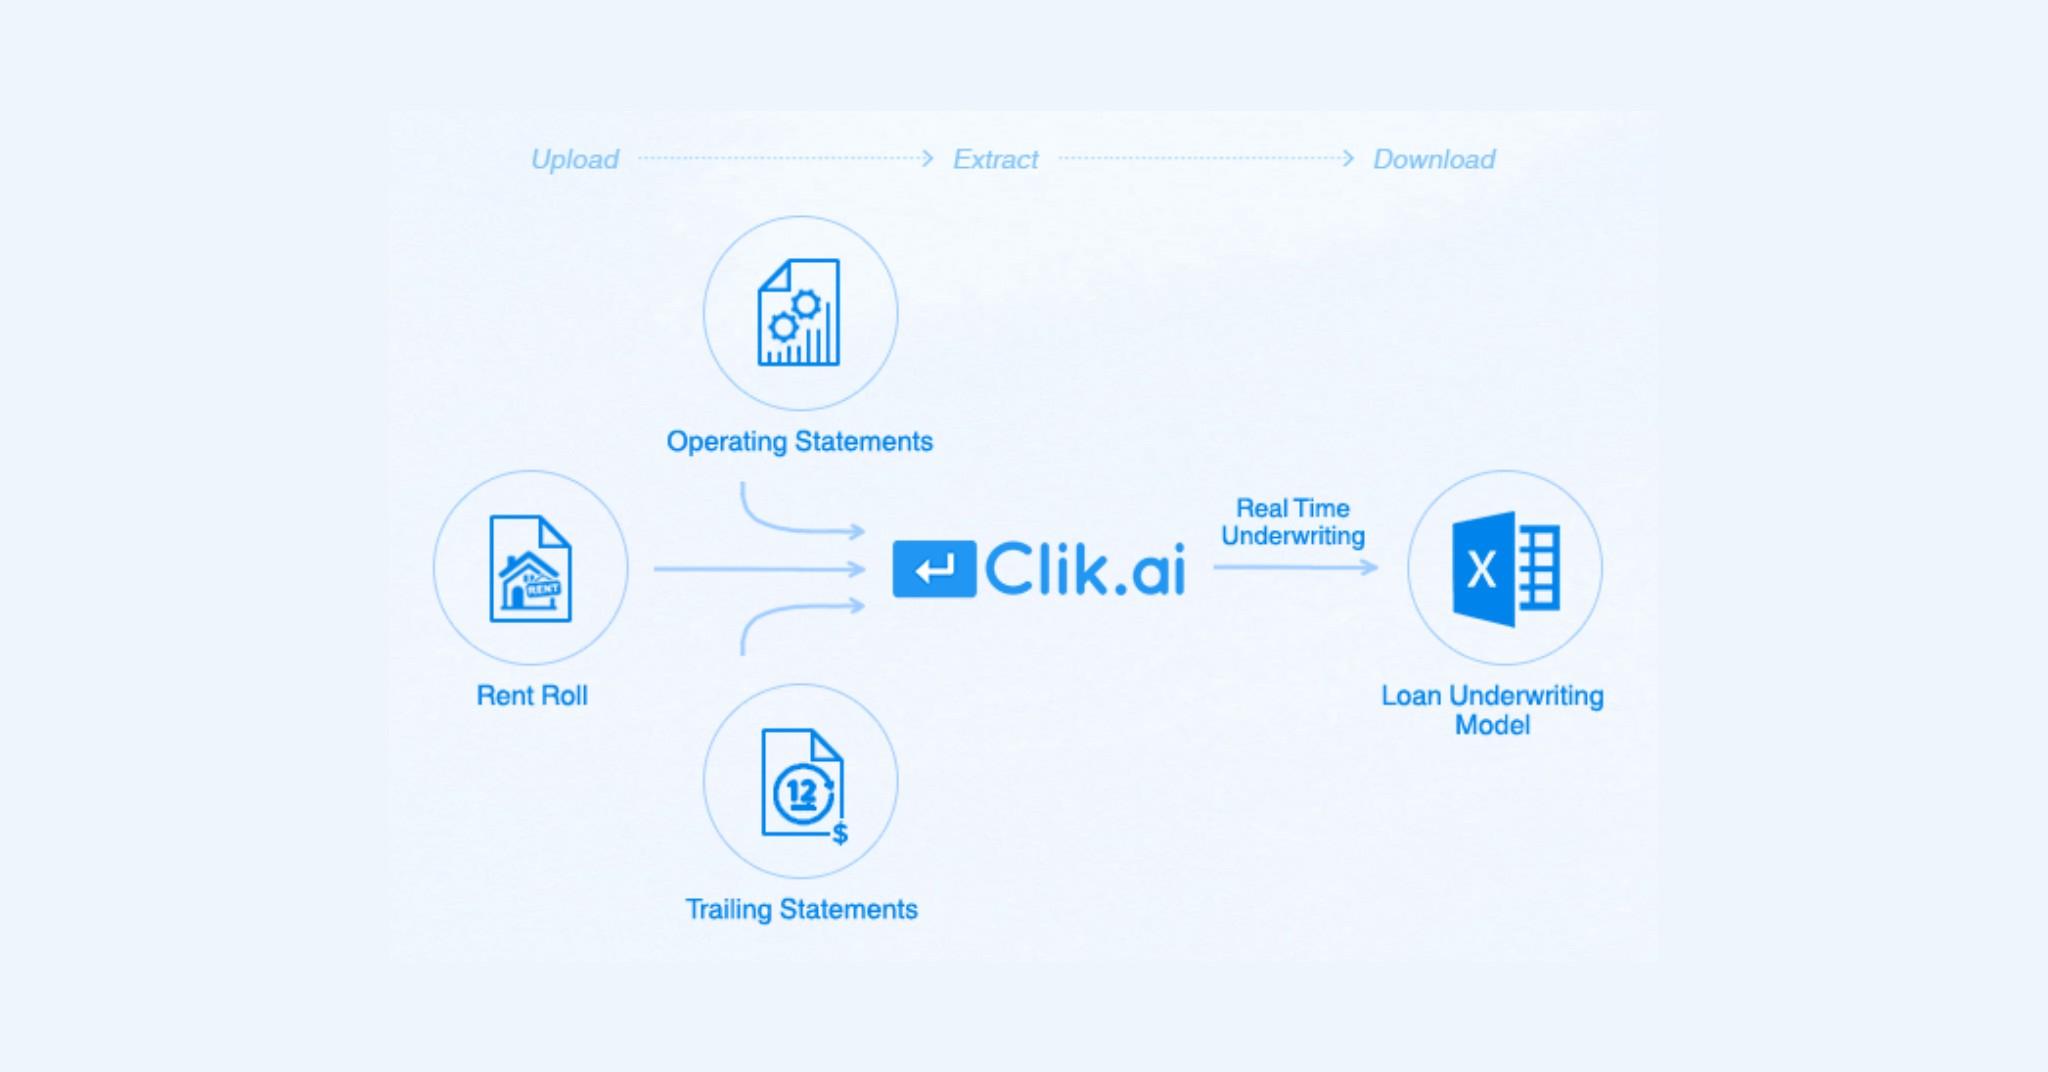 Clik.ai